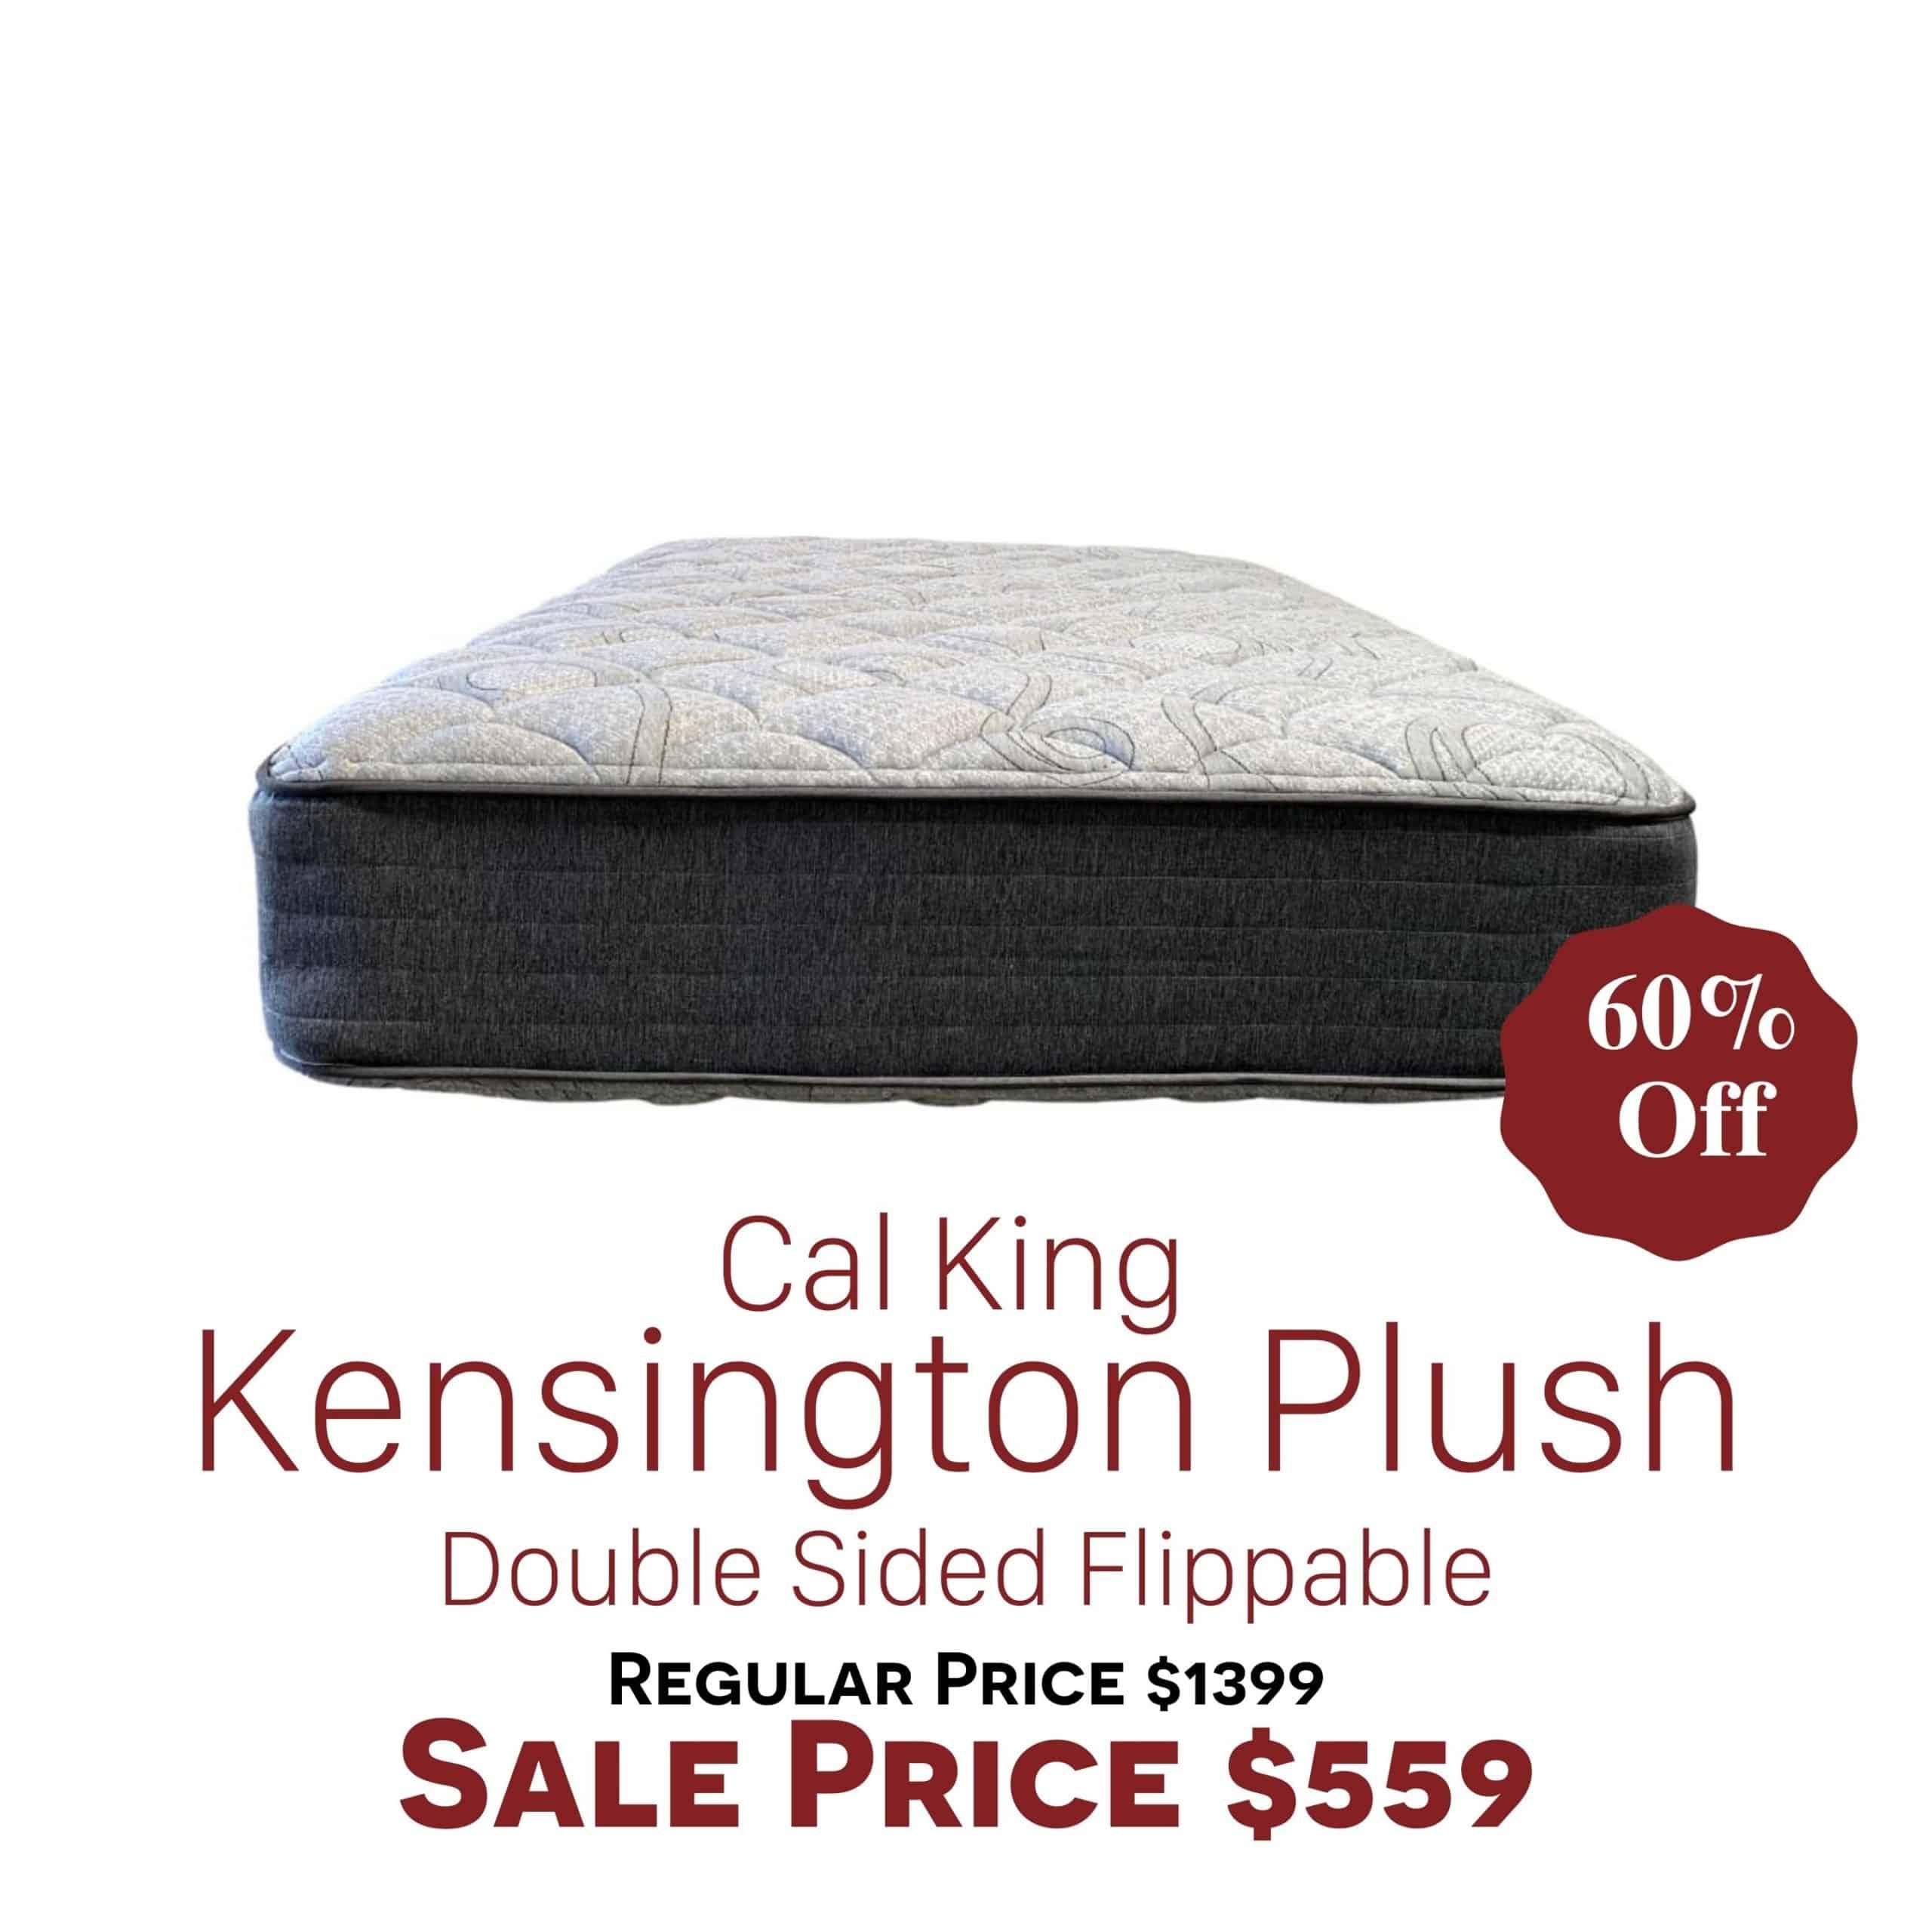 Cal King Kensington Plush Clearance